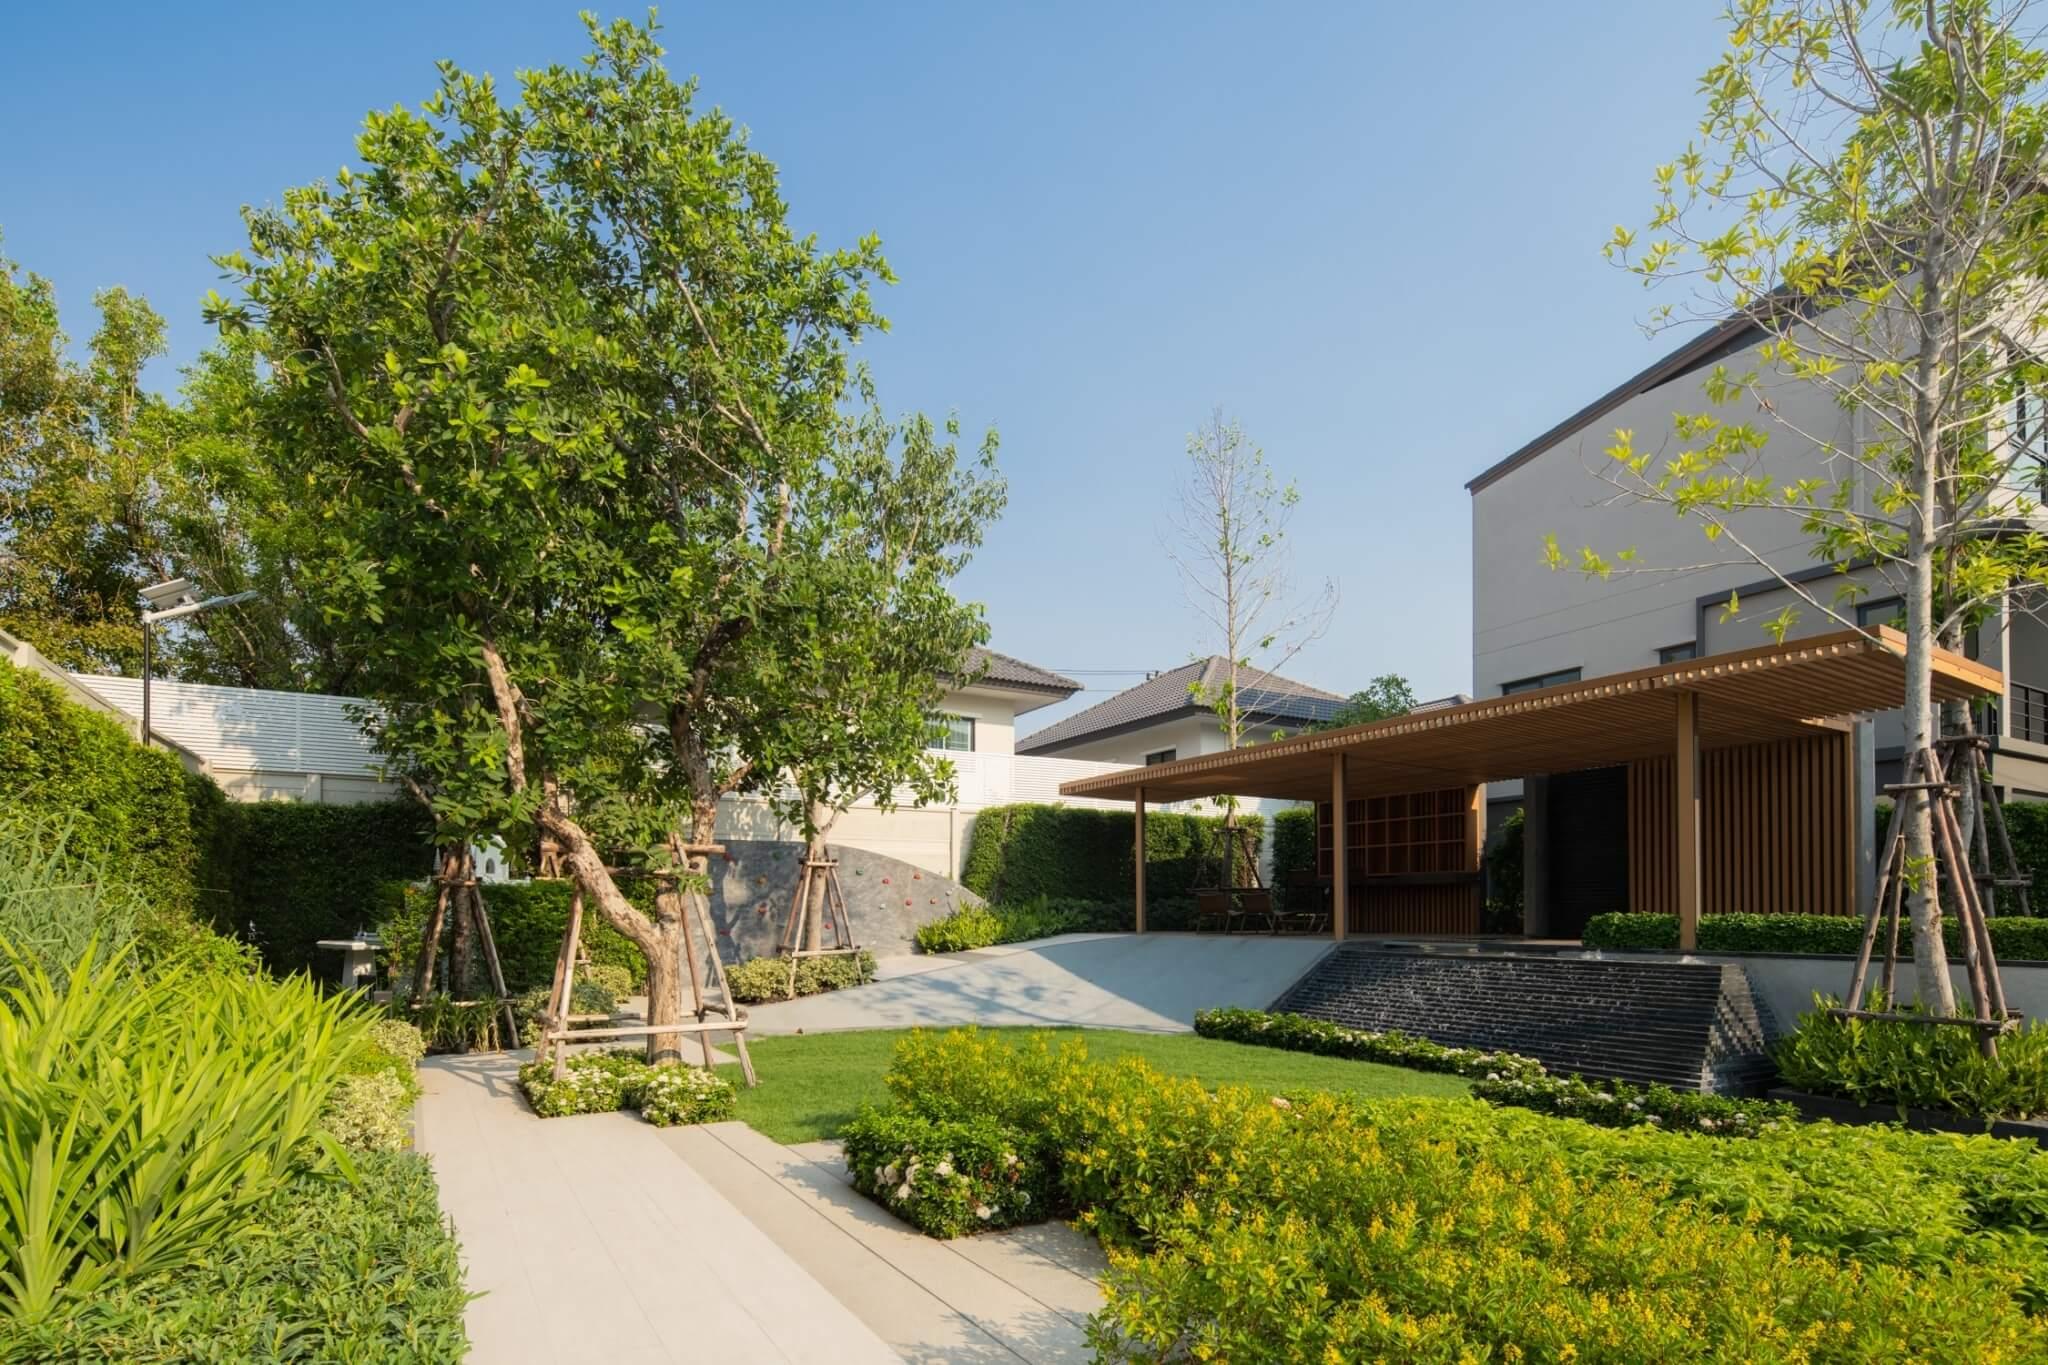 7 โครงการบ้านเอพีช่วยผ่อน 30 เดือน สุขสวัสดิ์-ประชาอุทิศ เข้าเมืองง่าย ทาวน์โฮม-บ้าน เริ่ม 1.99 ล้าน 15 - AP (Thailand) - เอพี (ไทยแลนด์)